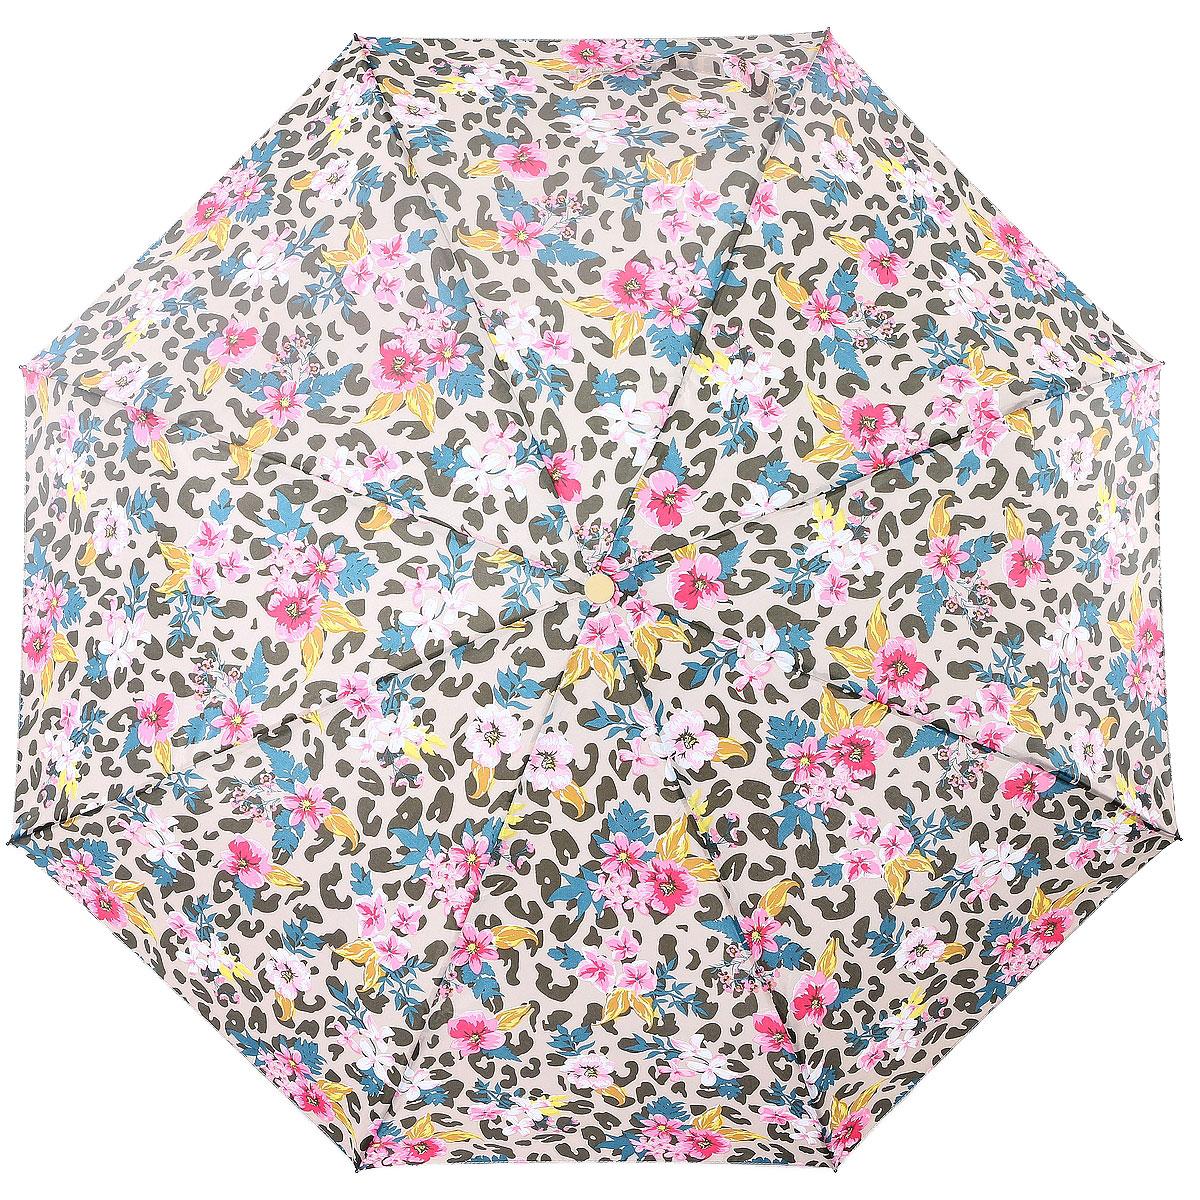 Зонт женский Artrain, цвет: желтый, розовый, бирюзовый. 3915-5444REM12-BLACKКлассический женский зонт в 3 сложения полный автомат. Удобная ручка выполнена из пластика. Модель зонта выполнена в стандартном размере, оснащена системой Антиветер. Этот стильный аксессуар поместится практически в любую женскую сумочку благодаря своим небольшим размерам.